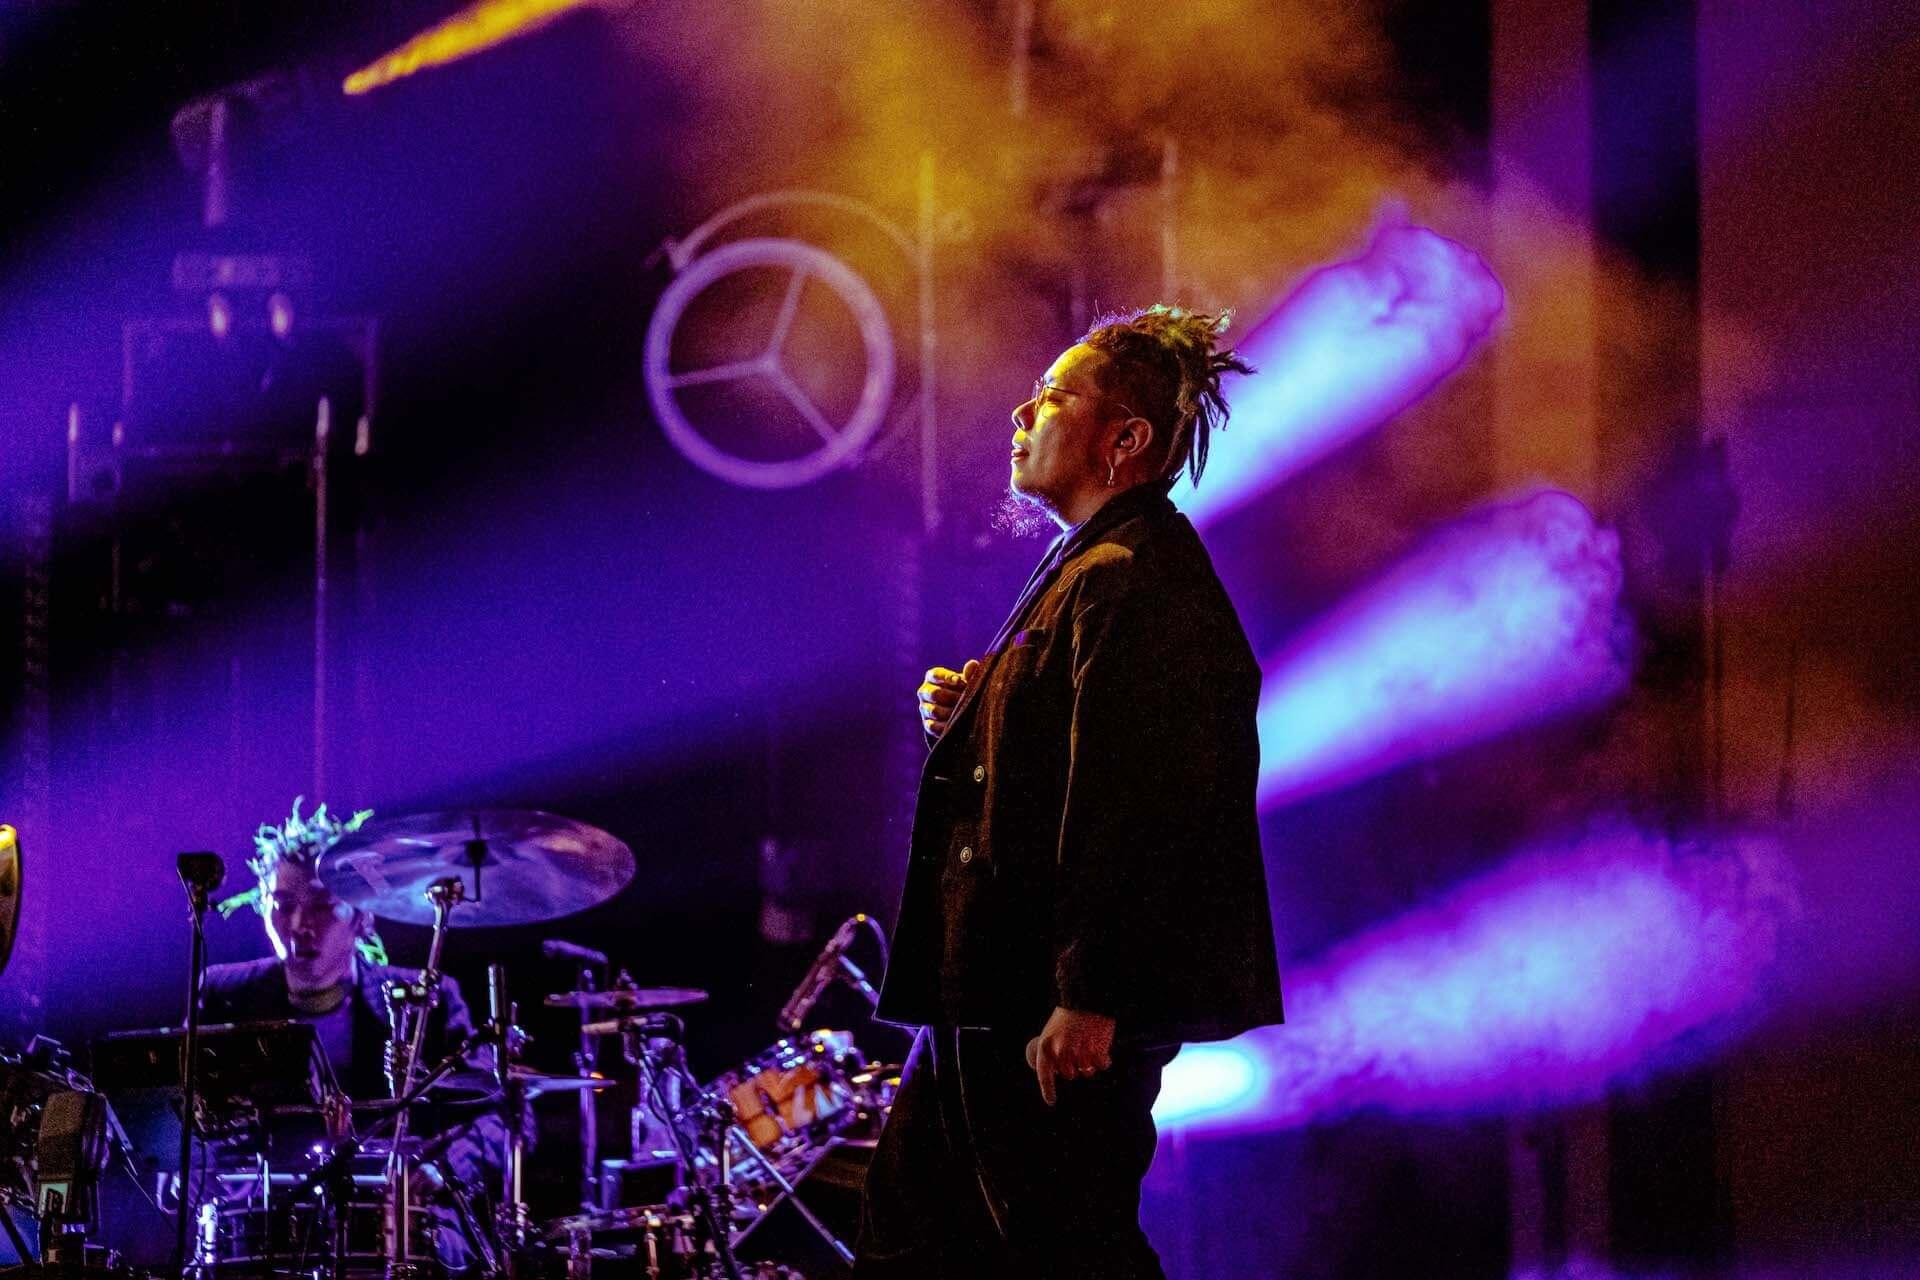 常田大希率いるmillennium paradeが今年最初で最後のワンマンライブを披露!ライブレポート&1stアルバムトラックリストが公開 music201224_millenniumparade_13-1920x1280